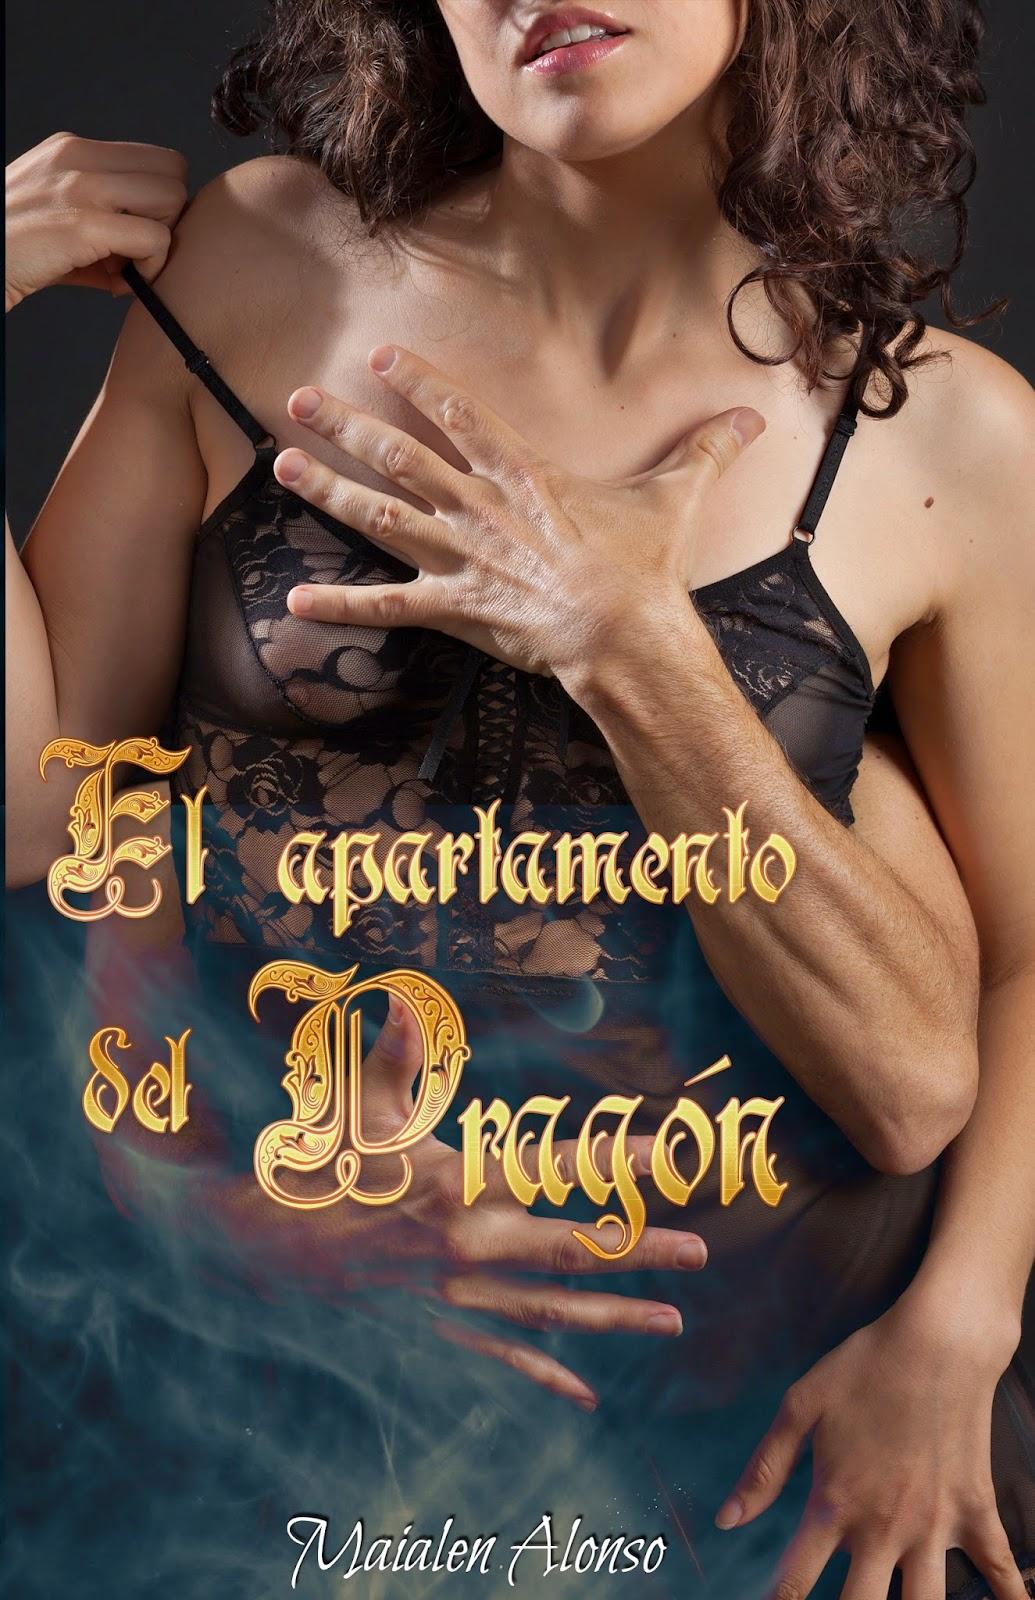 http://maialenalonsooficial.blogspot.com.es/2015/02/la-habitacion-del-dragon.html